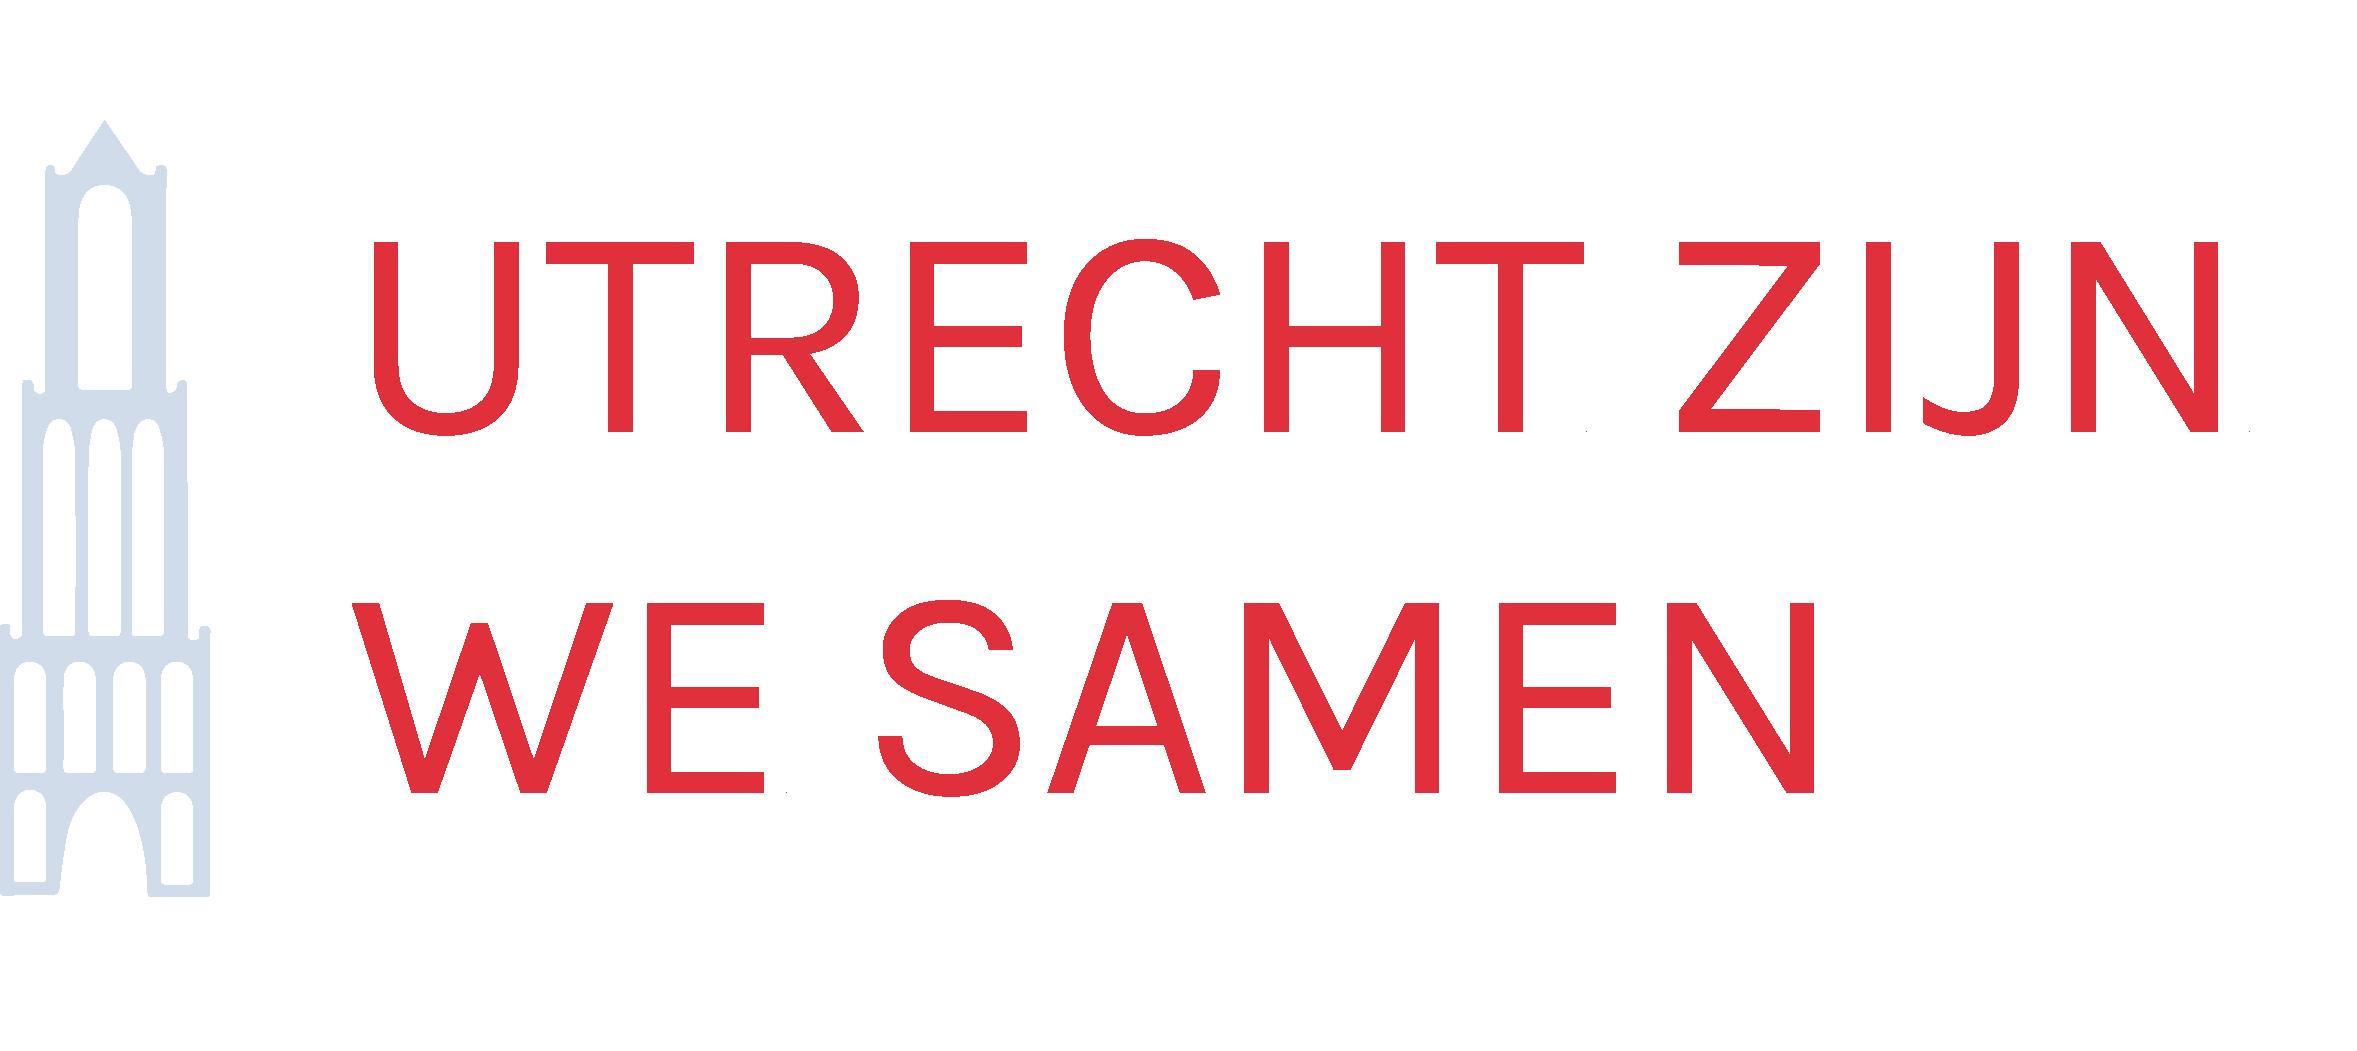 Utrecht zijn we samen